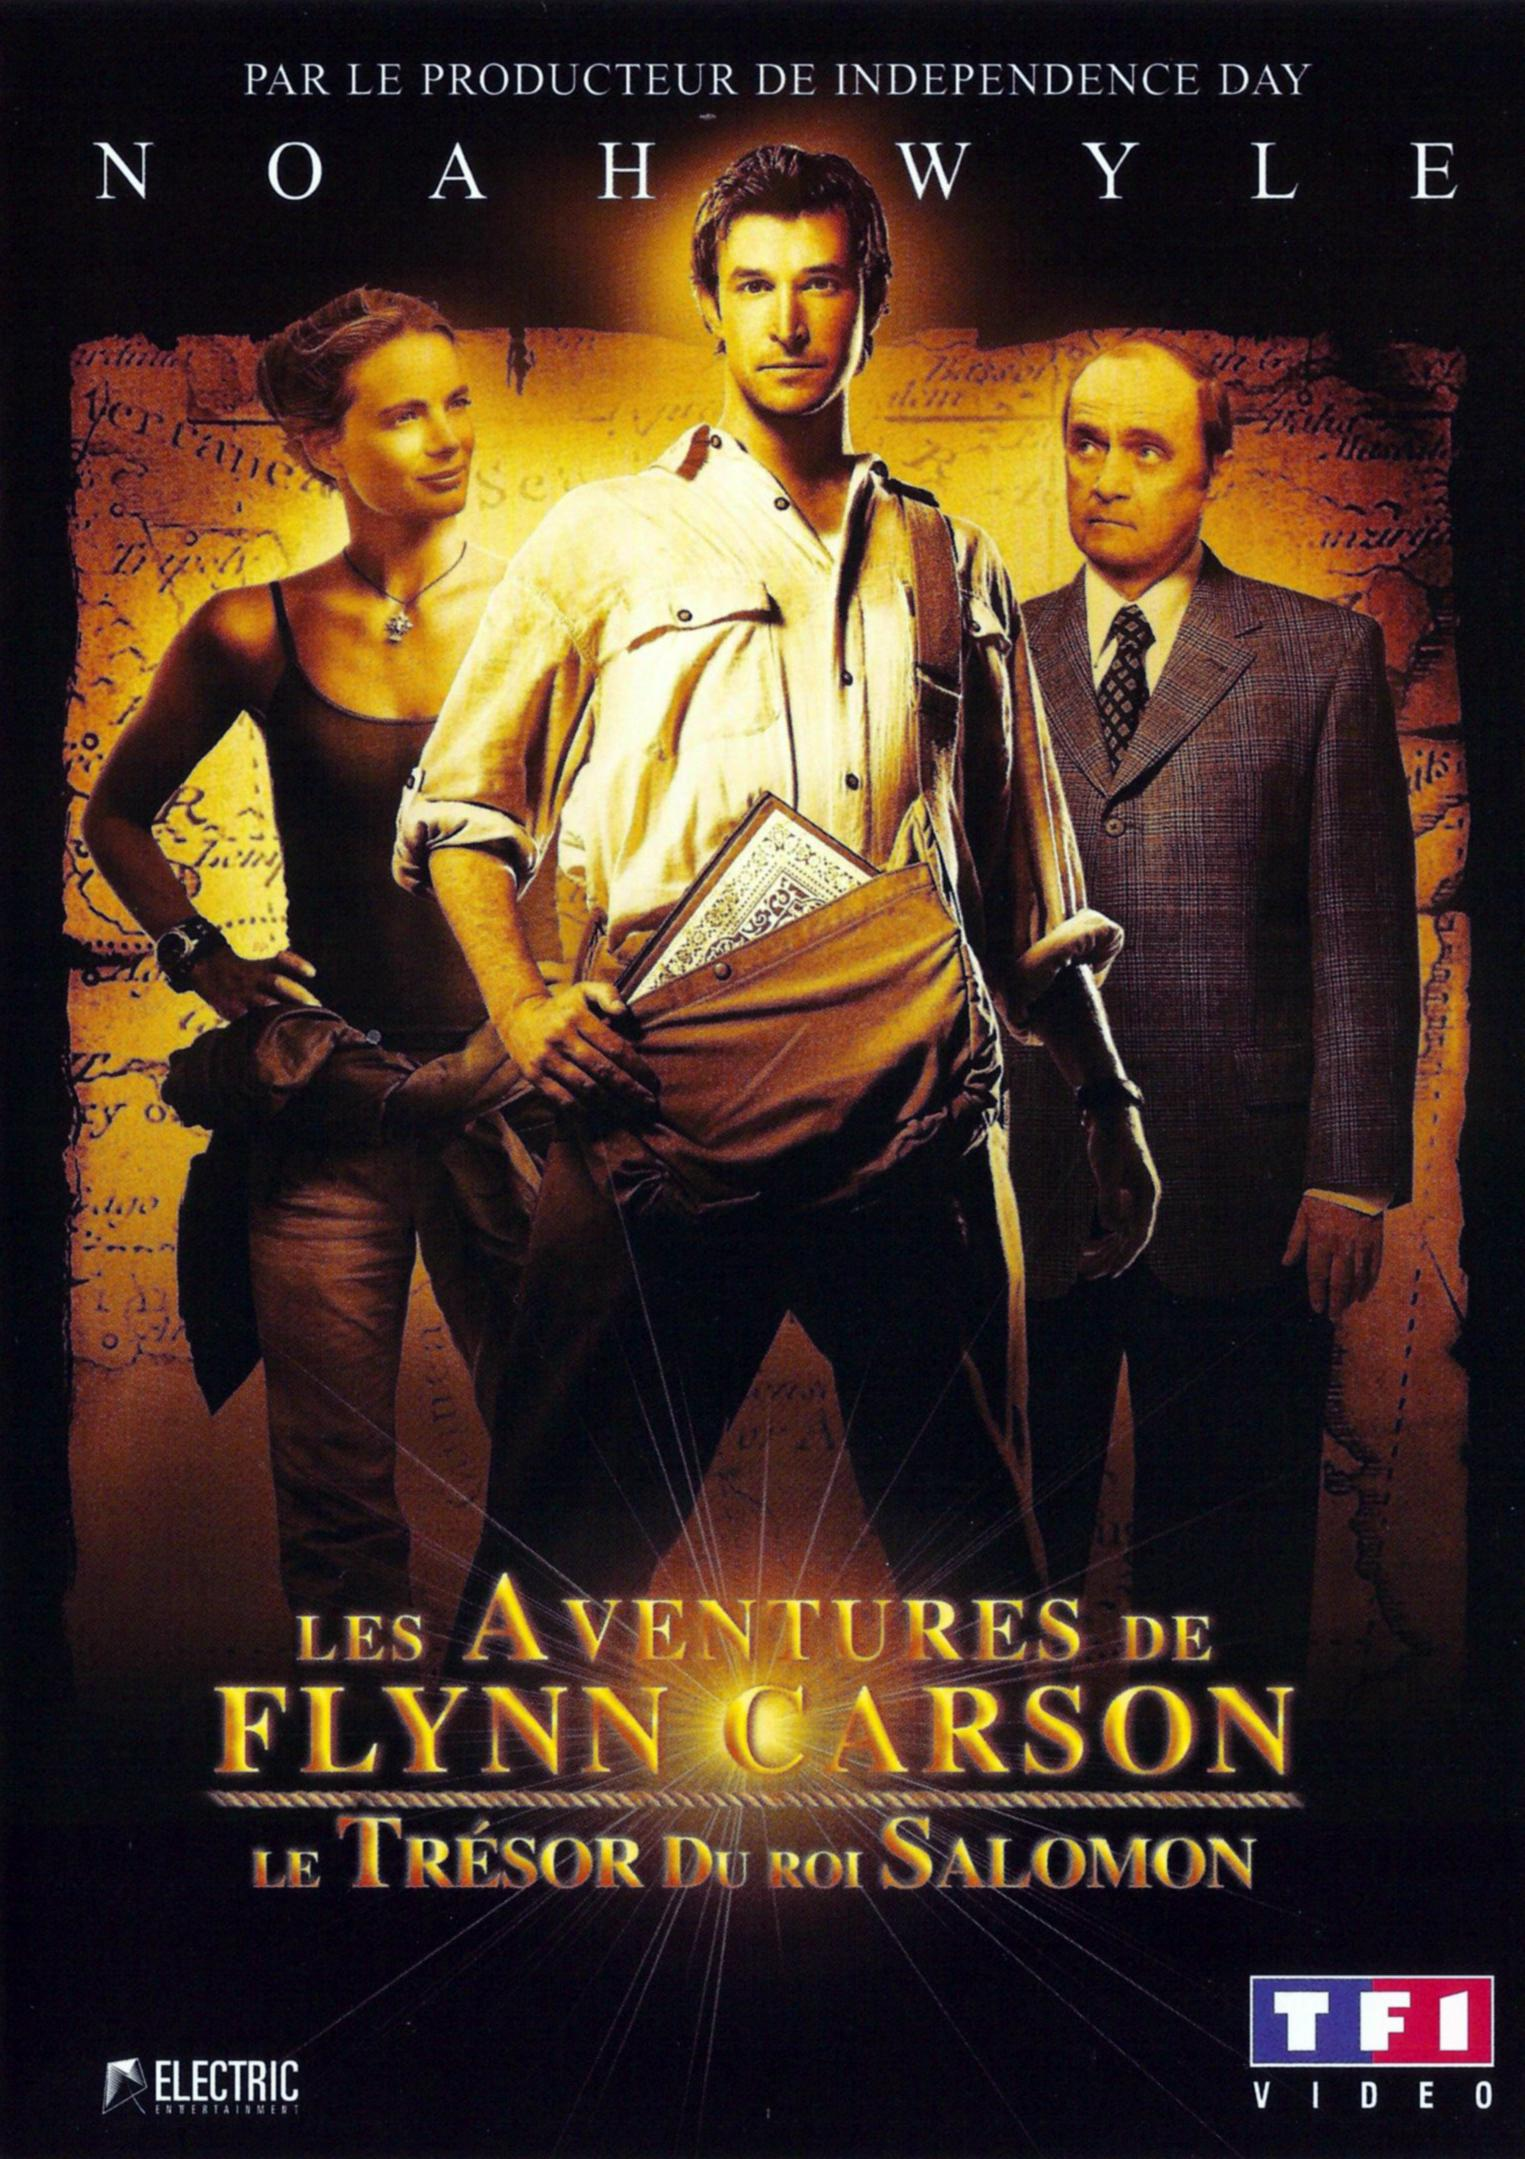 affiche du film Les aventures de Flynn Carson : Le trésor du roi Salomon (TV)